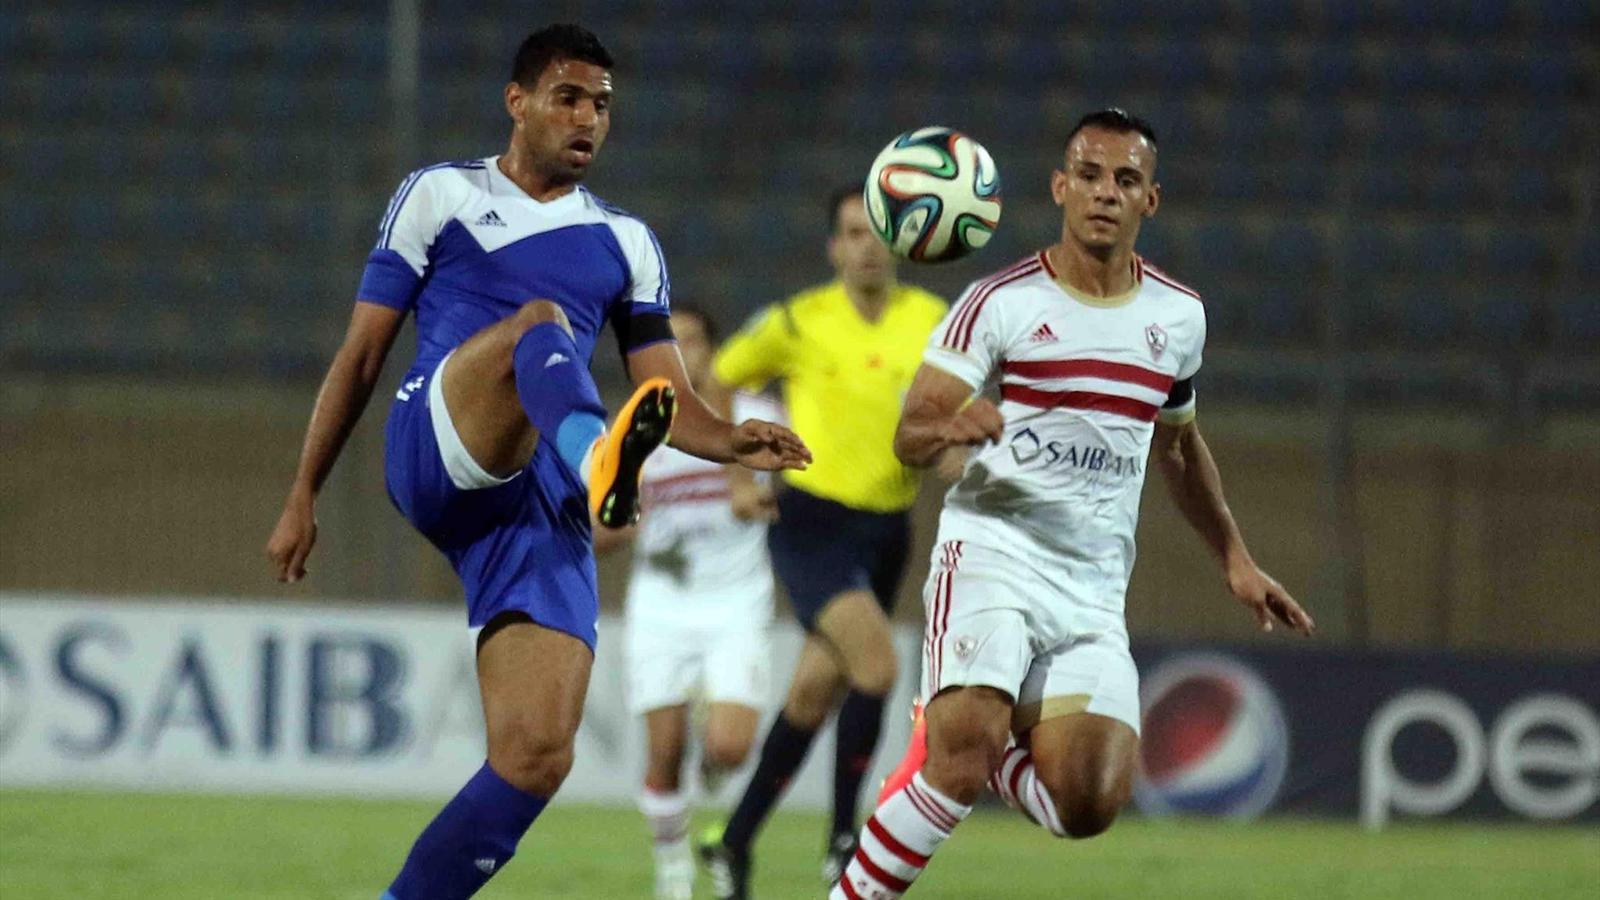 الزمالك يقترب من لقب الدوري المصري بخماسية فى الشرطة